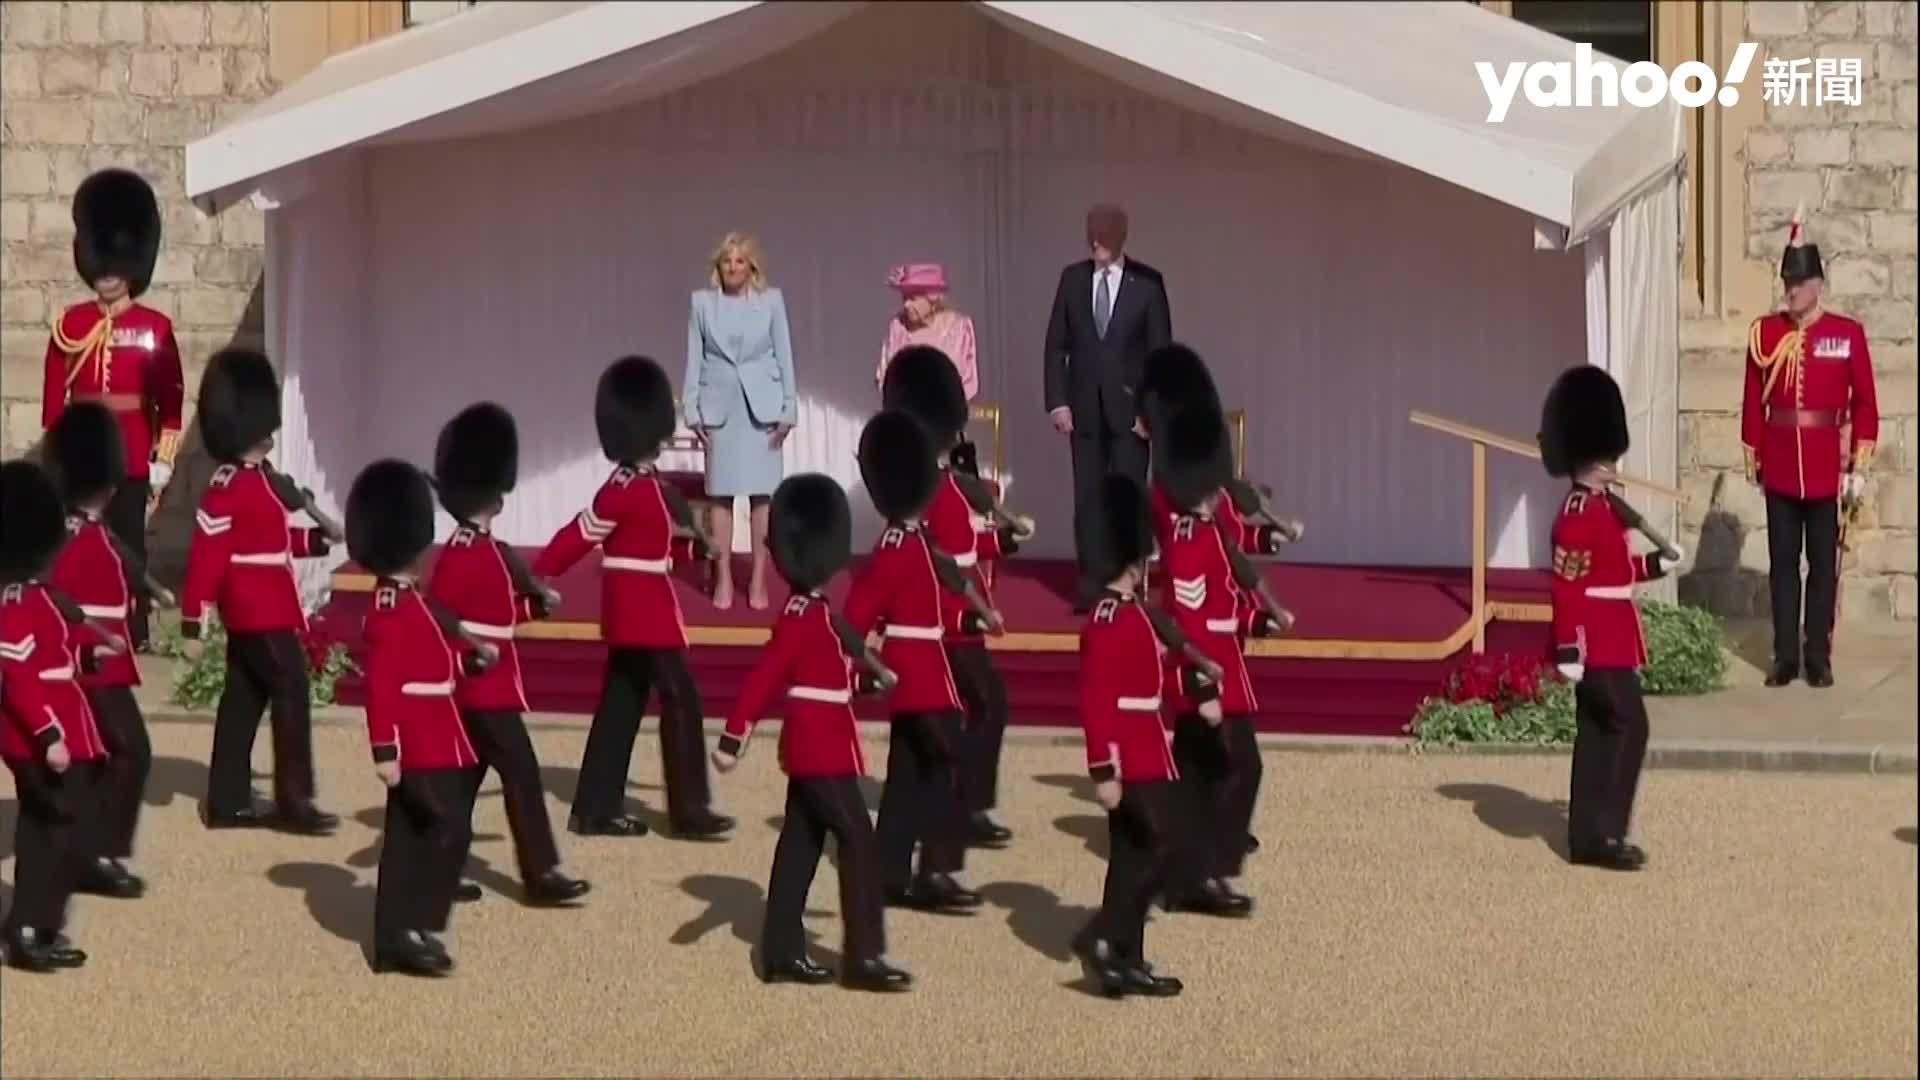 G7閉幕:重砲批中 氣候金援千億美元 女王溫莎城堡接見拜登